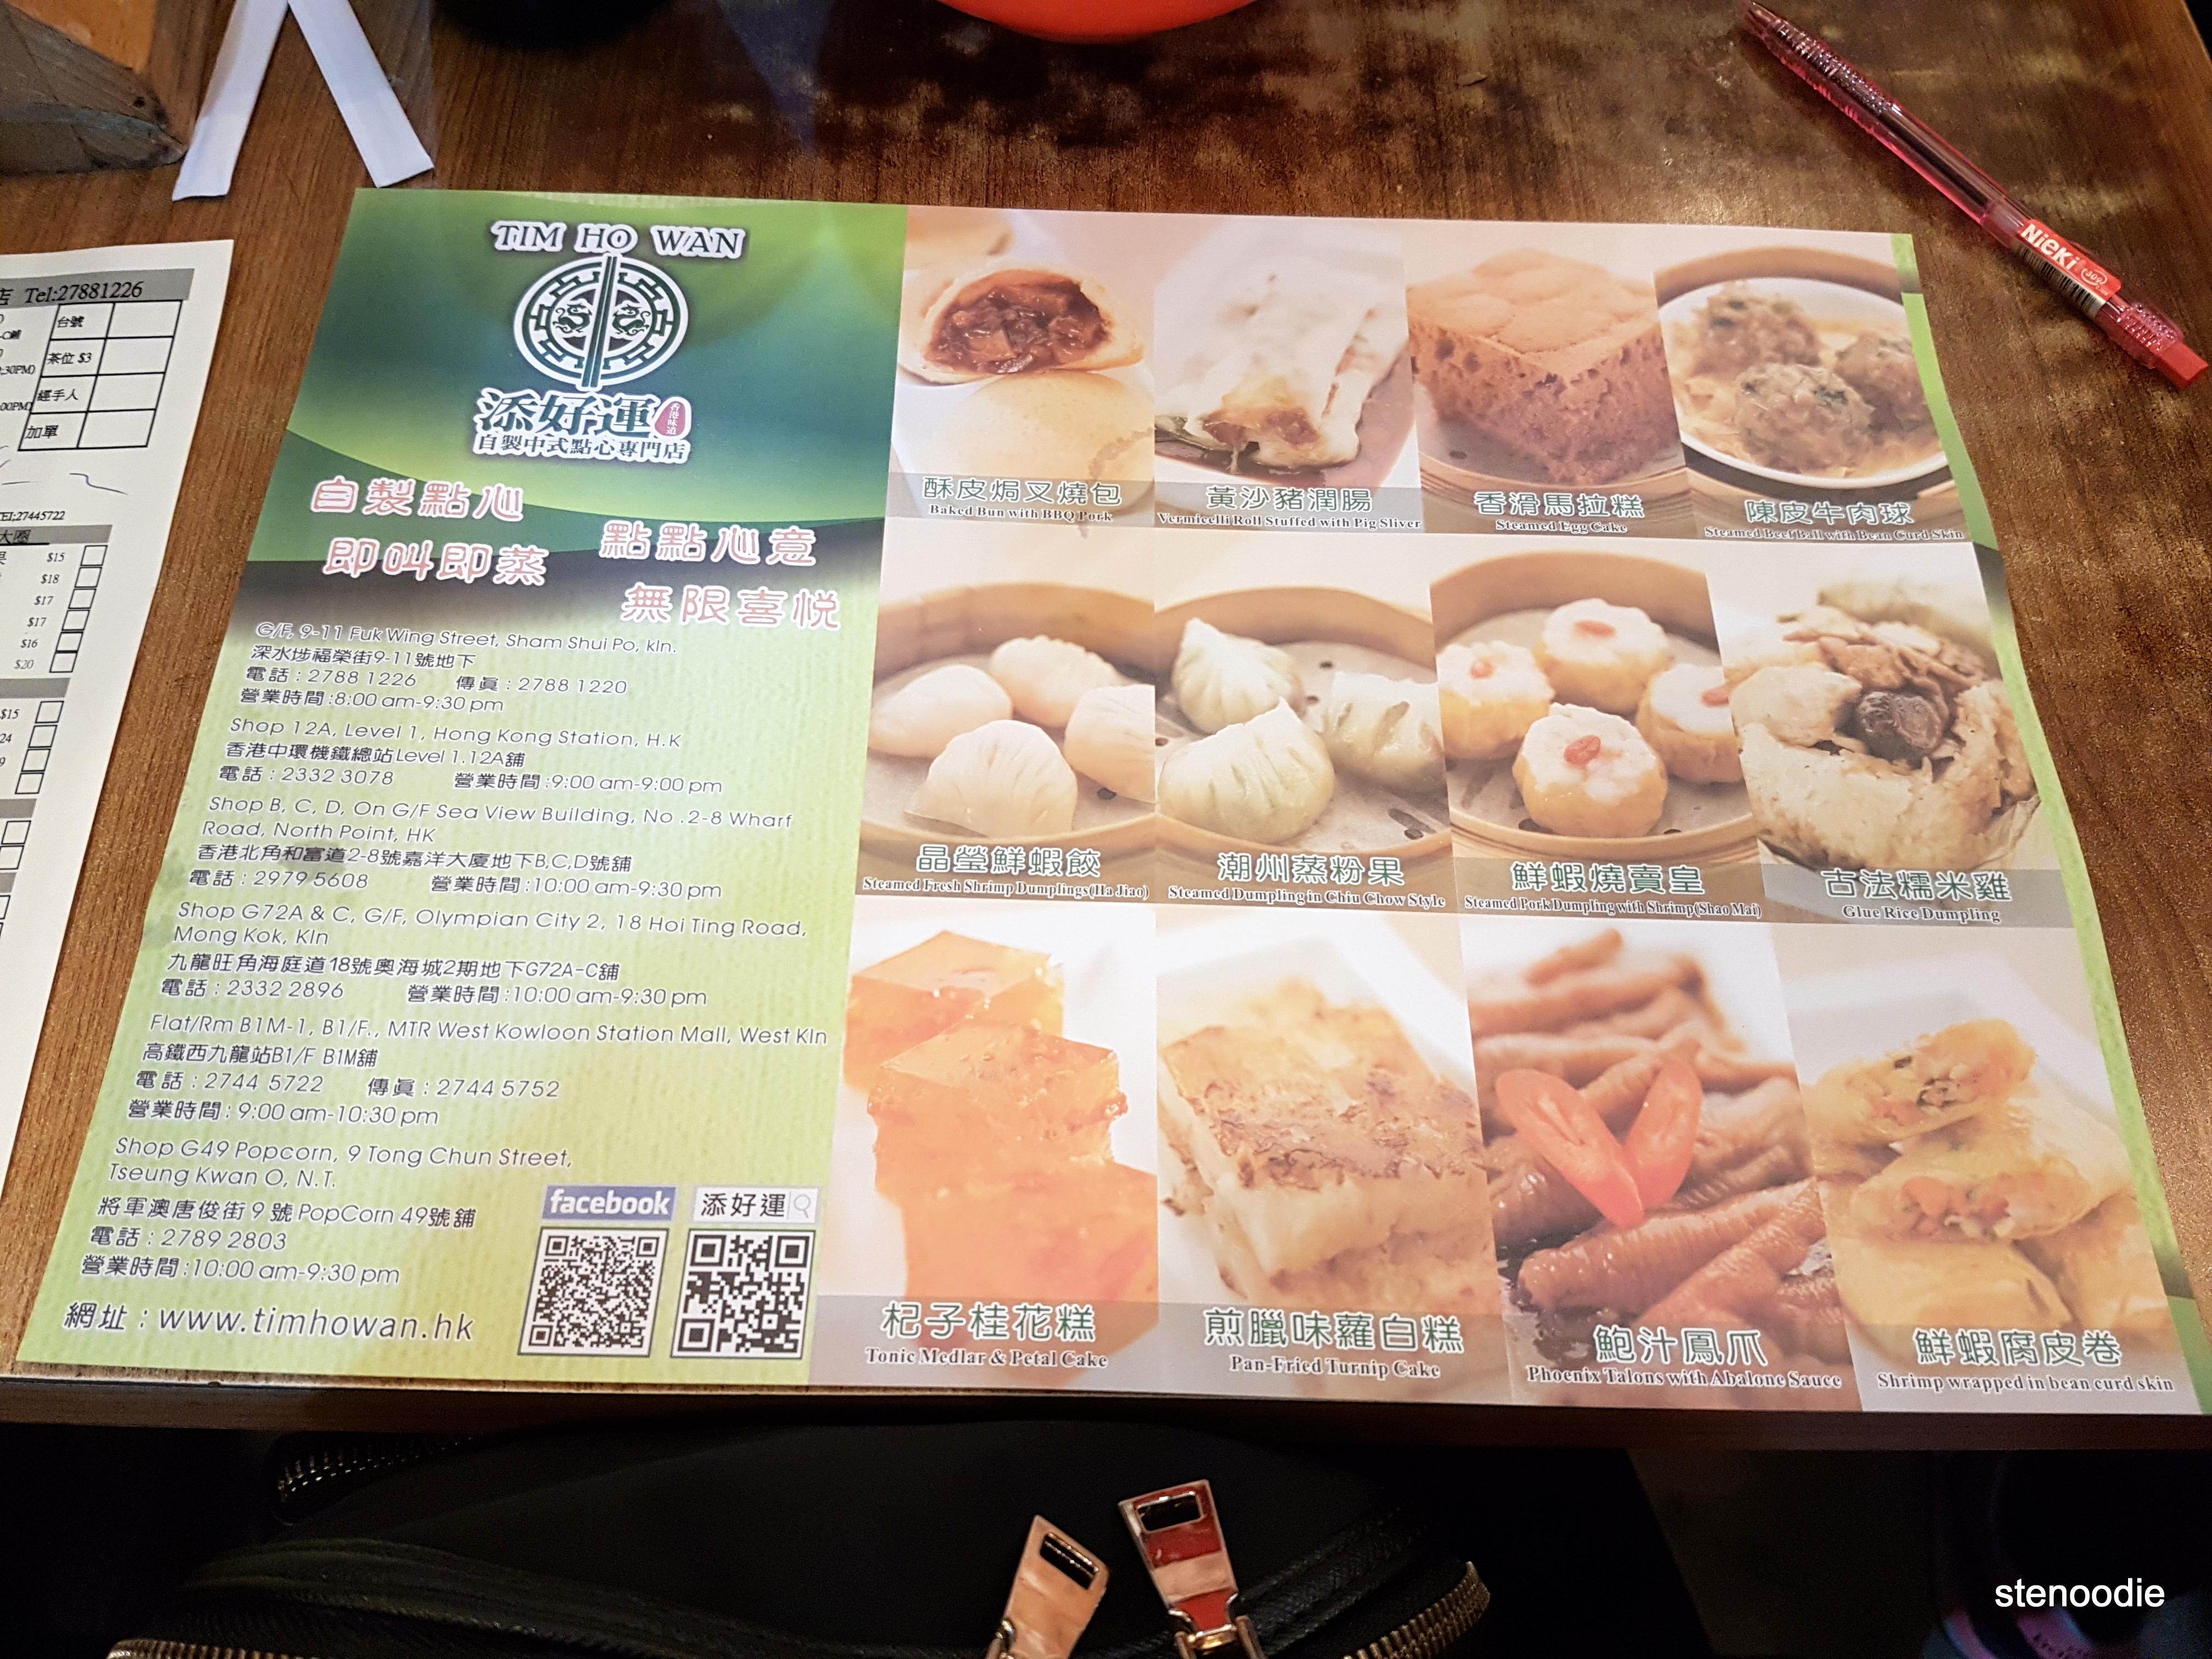 Tim Ho Wan dim sum place mat